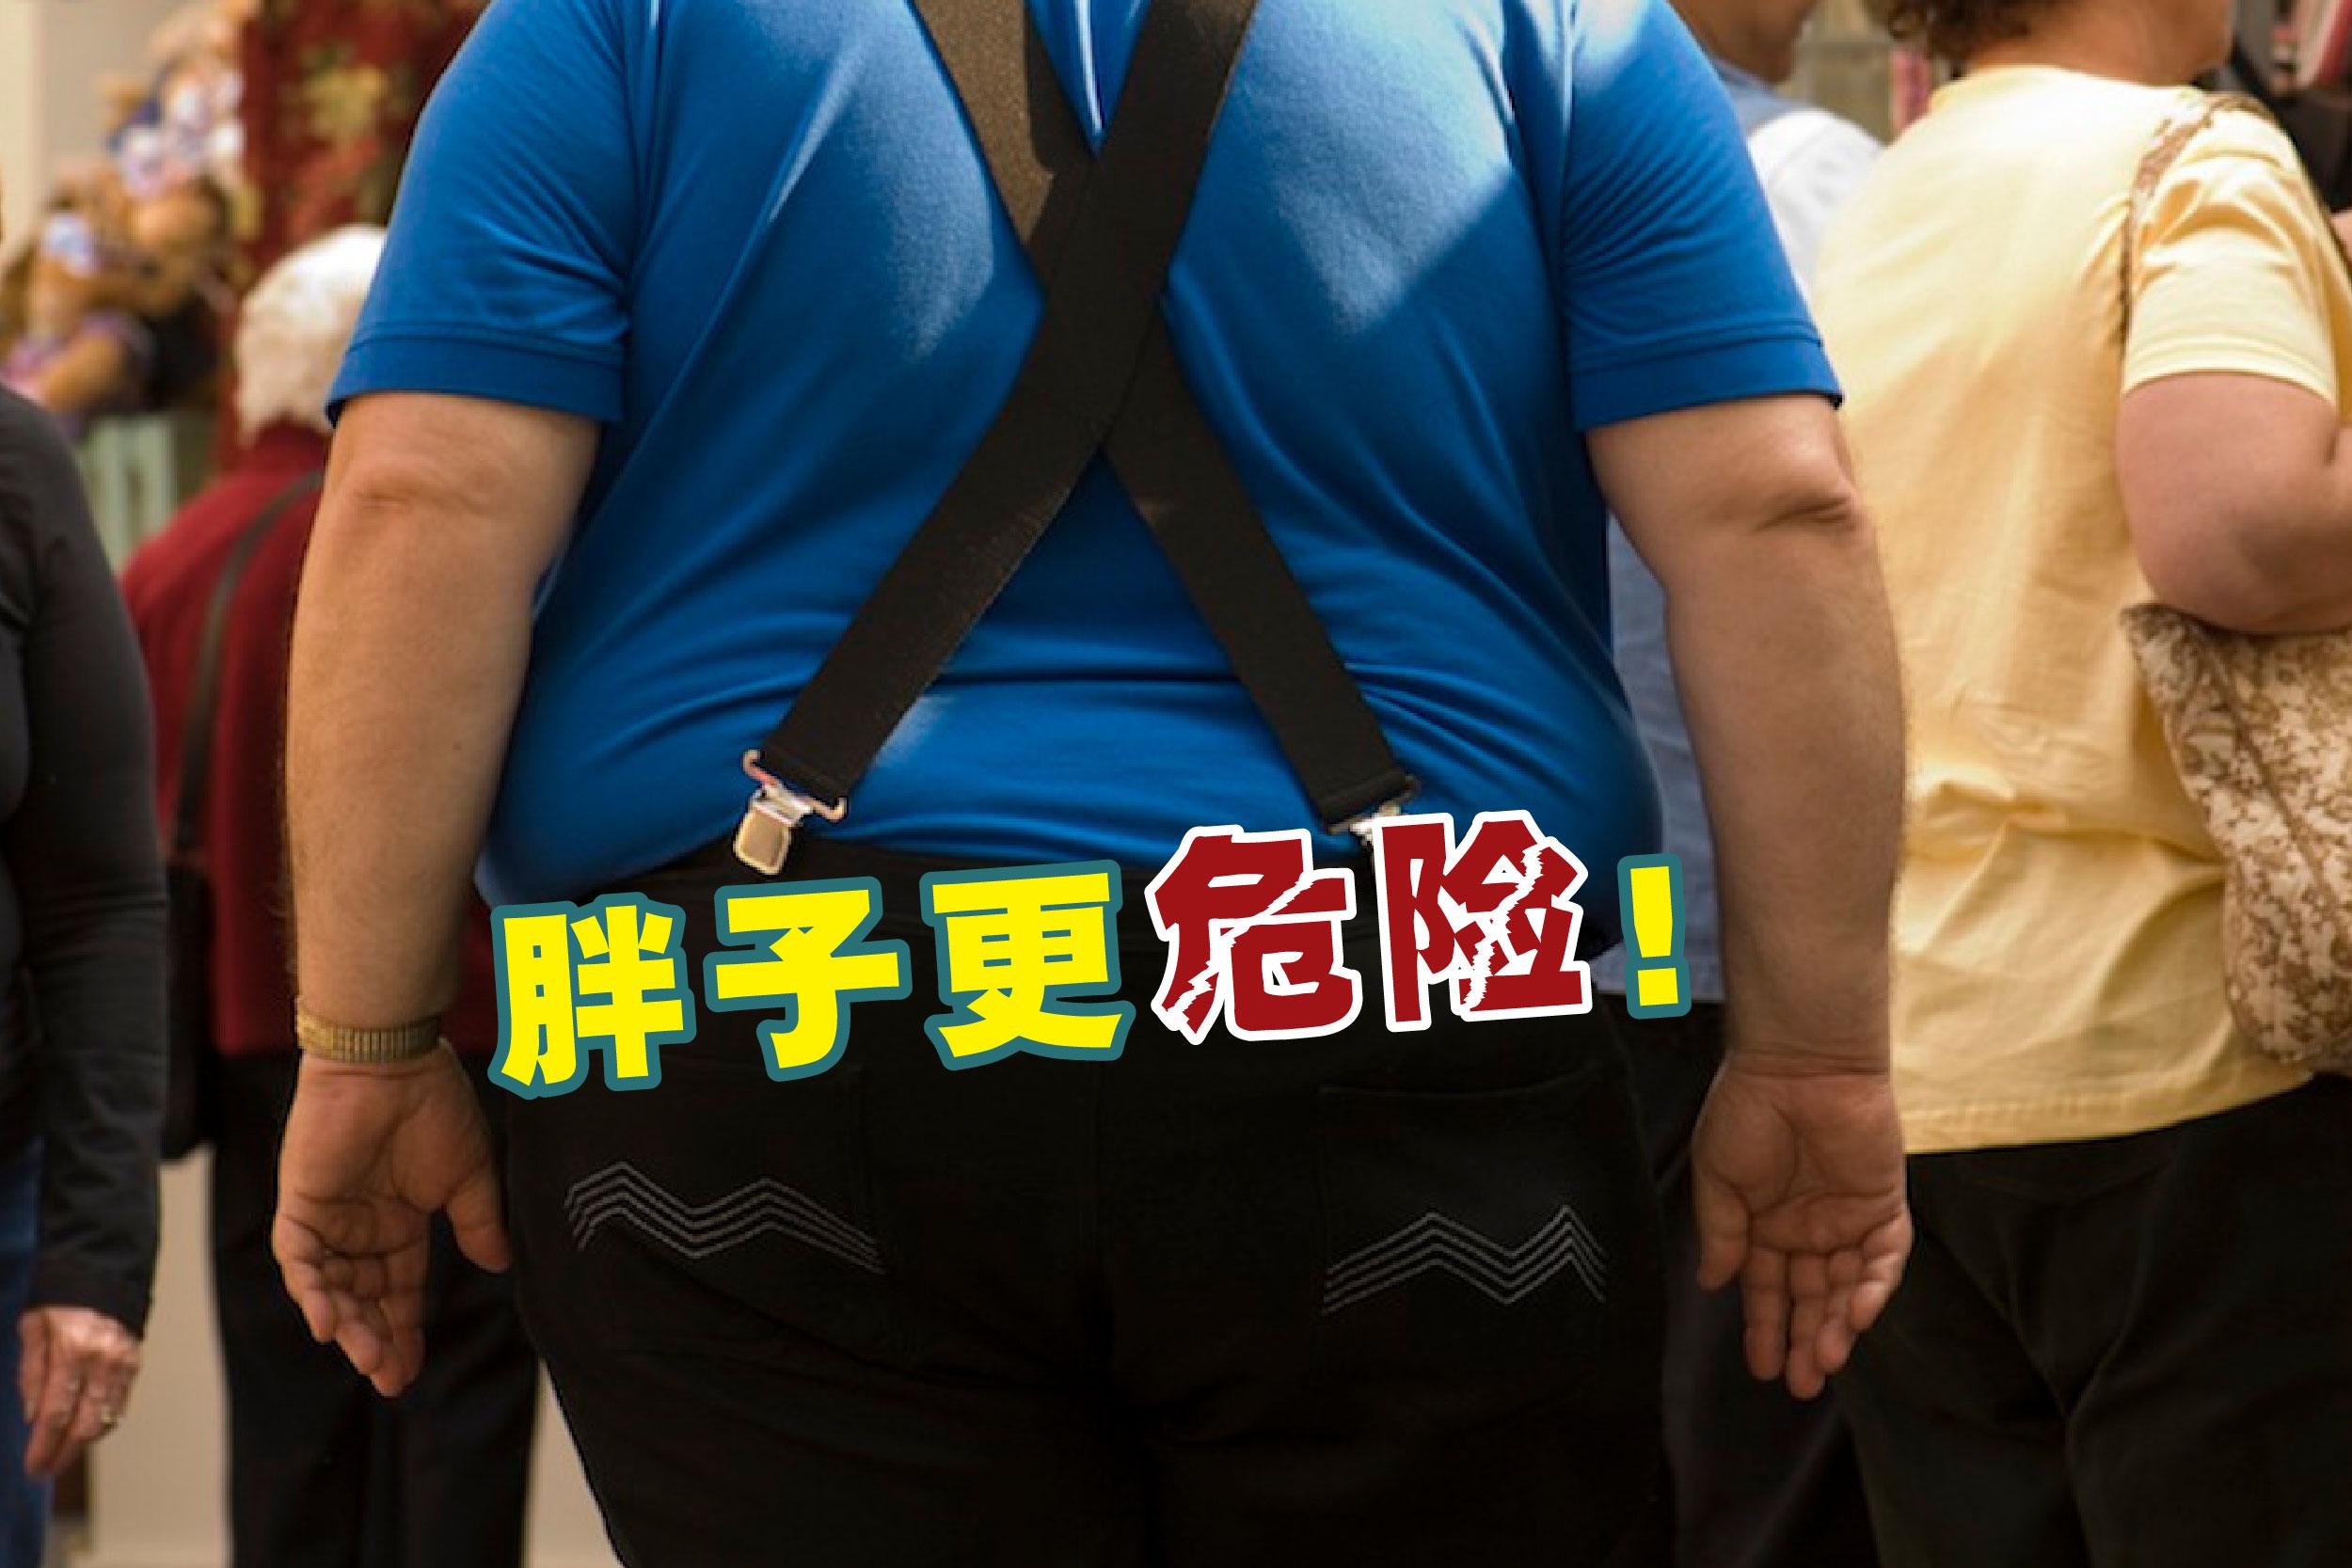 一项新研究发现,肥胖会导致死于新冠病毒的风险增加近50%。-法新社,精彩大马制图-